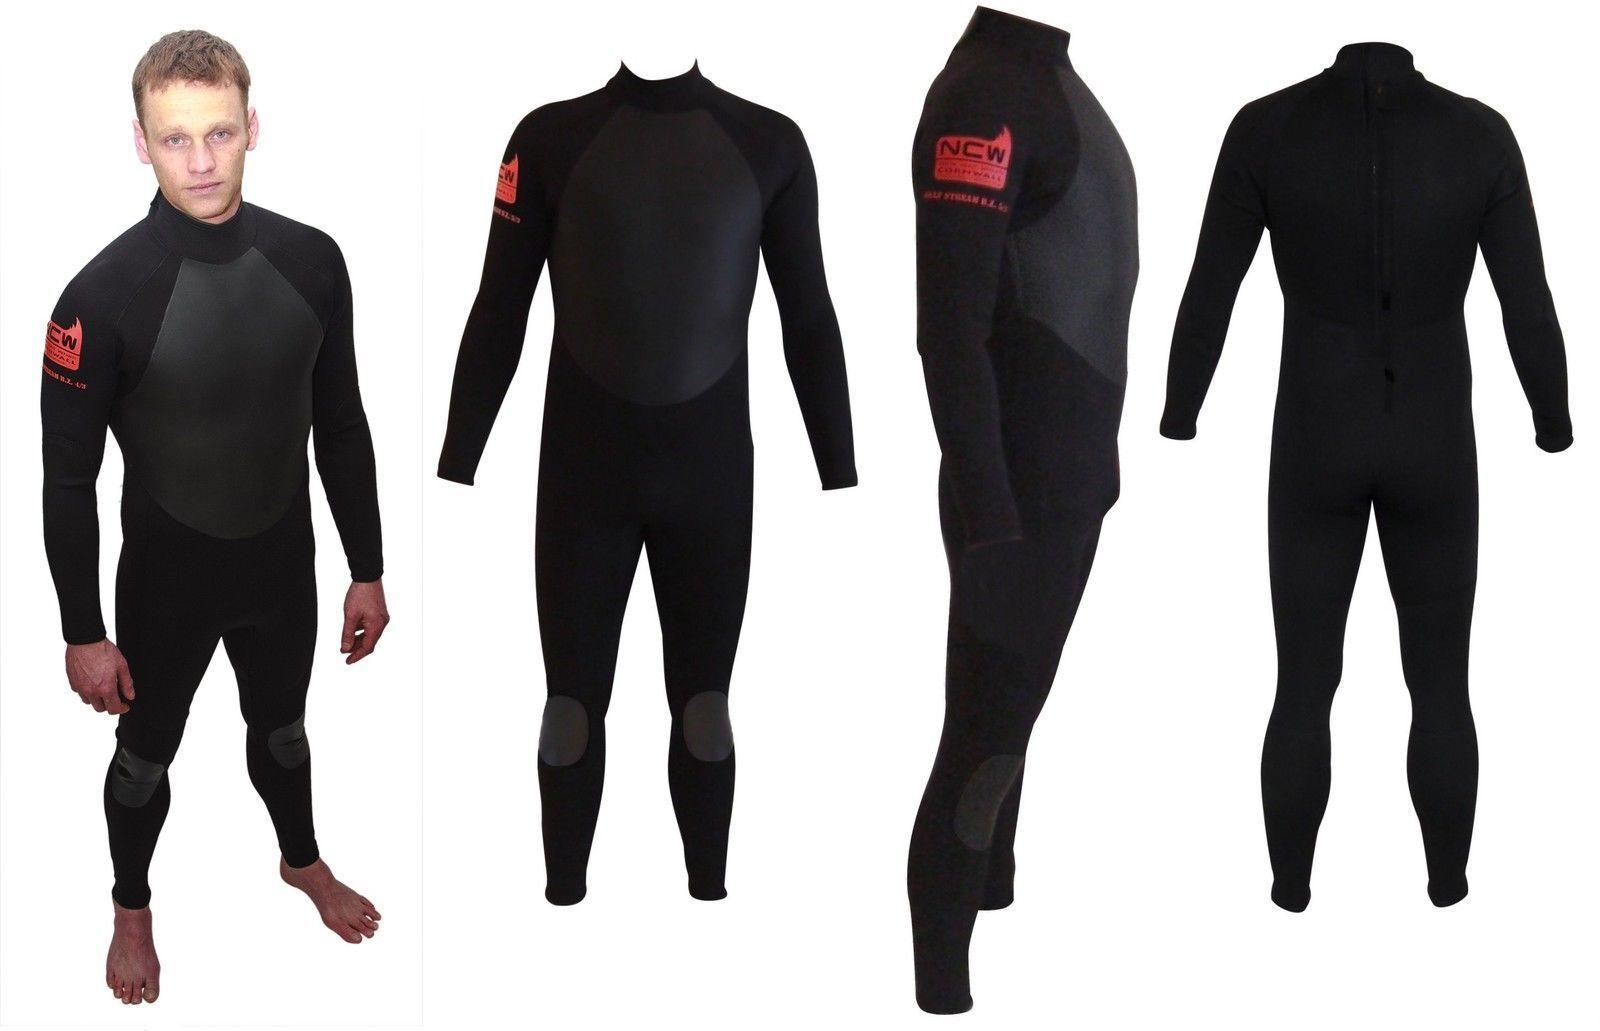 Todos Los Tamaños Completa Invierno Steamer 4 3 Surf Backzip Traje APG caliente derretir Costuras Selladas